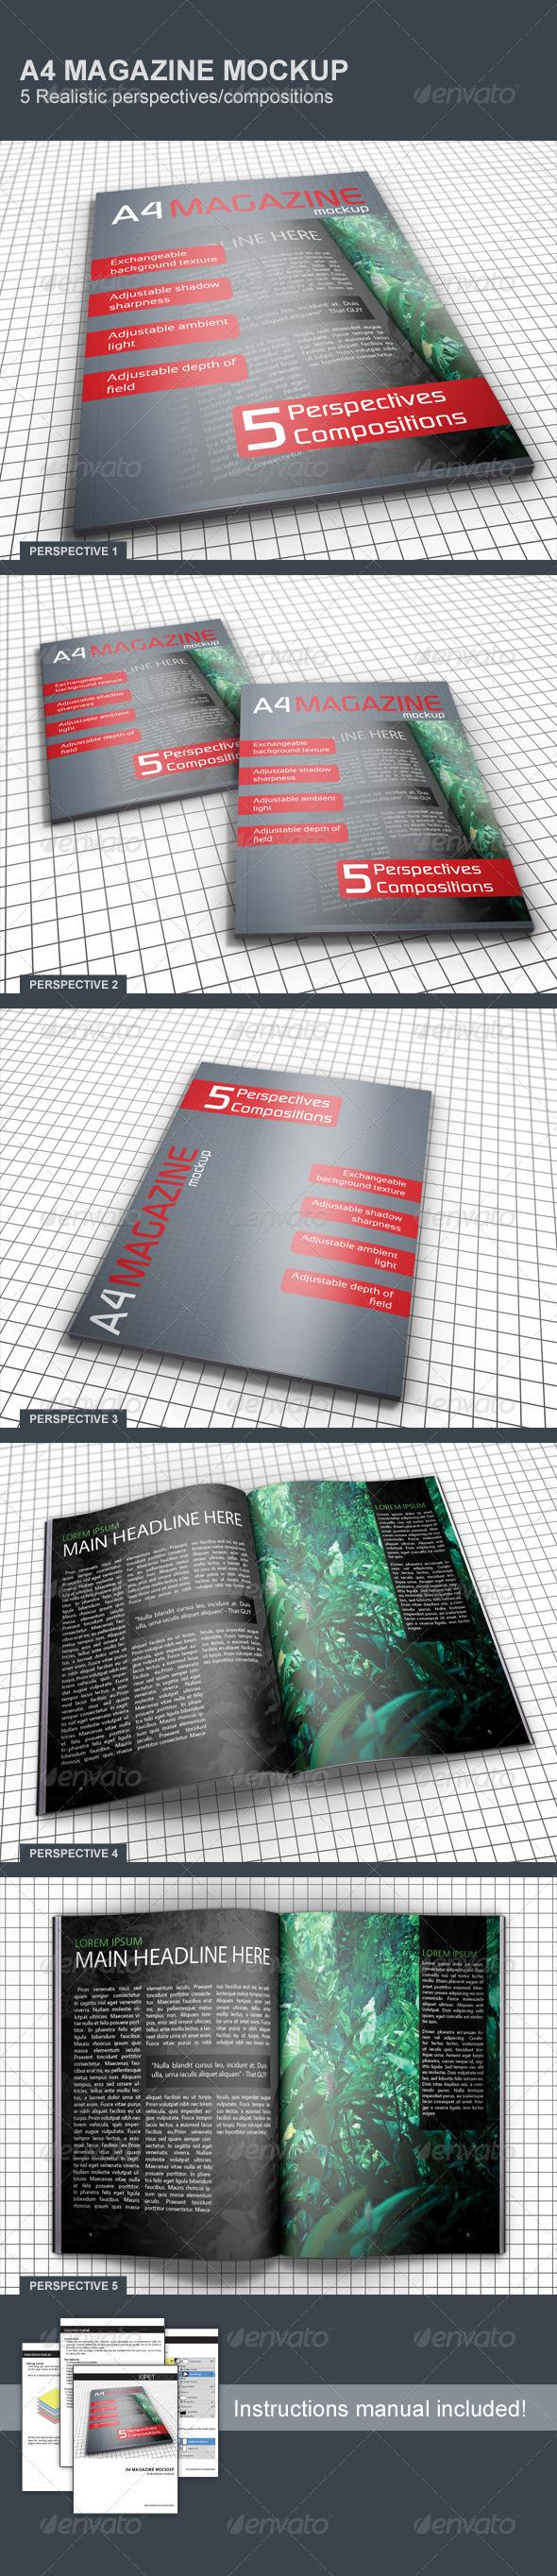 GraphicRiver Realistic A4 Magazine Mockup 5150180